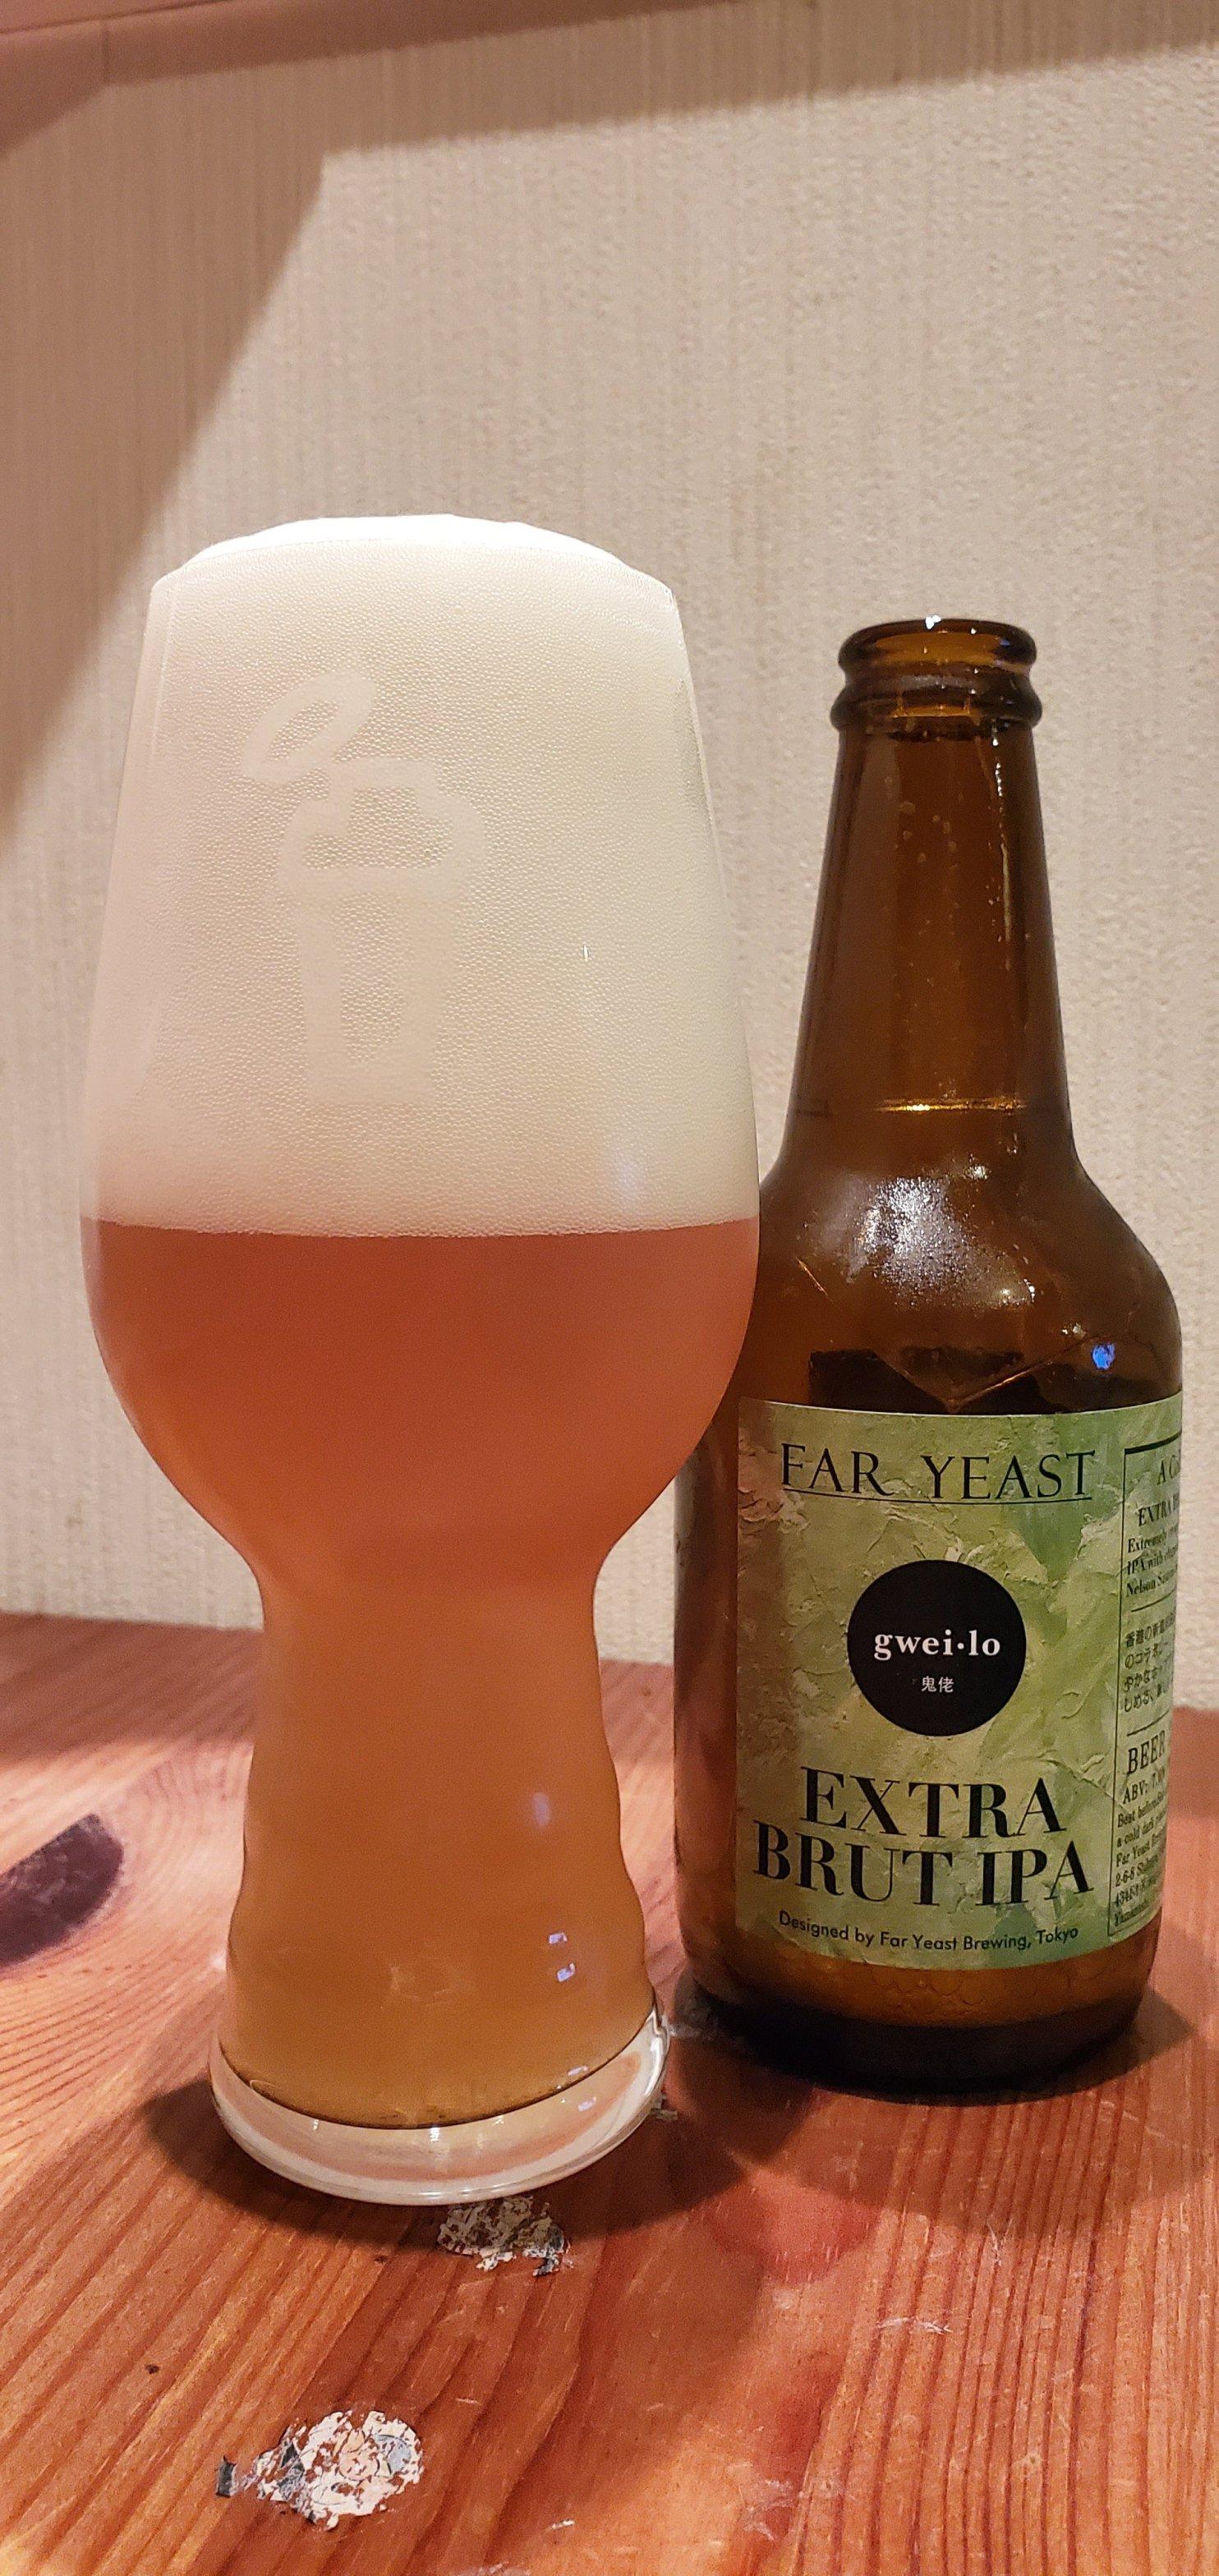 Far Yeast Extra Brut IPA1・ファーイースト エクストラ ブリュット アイピーエー1